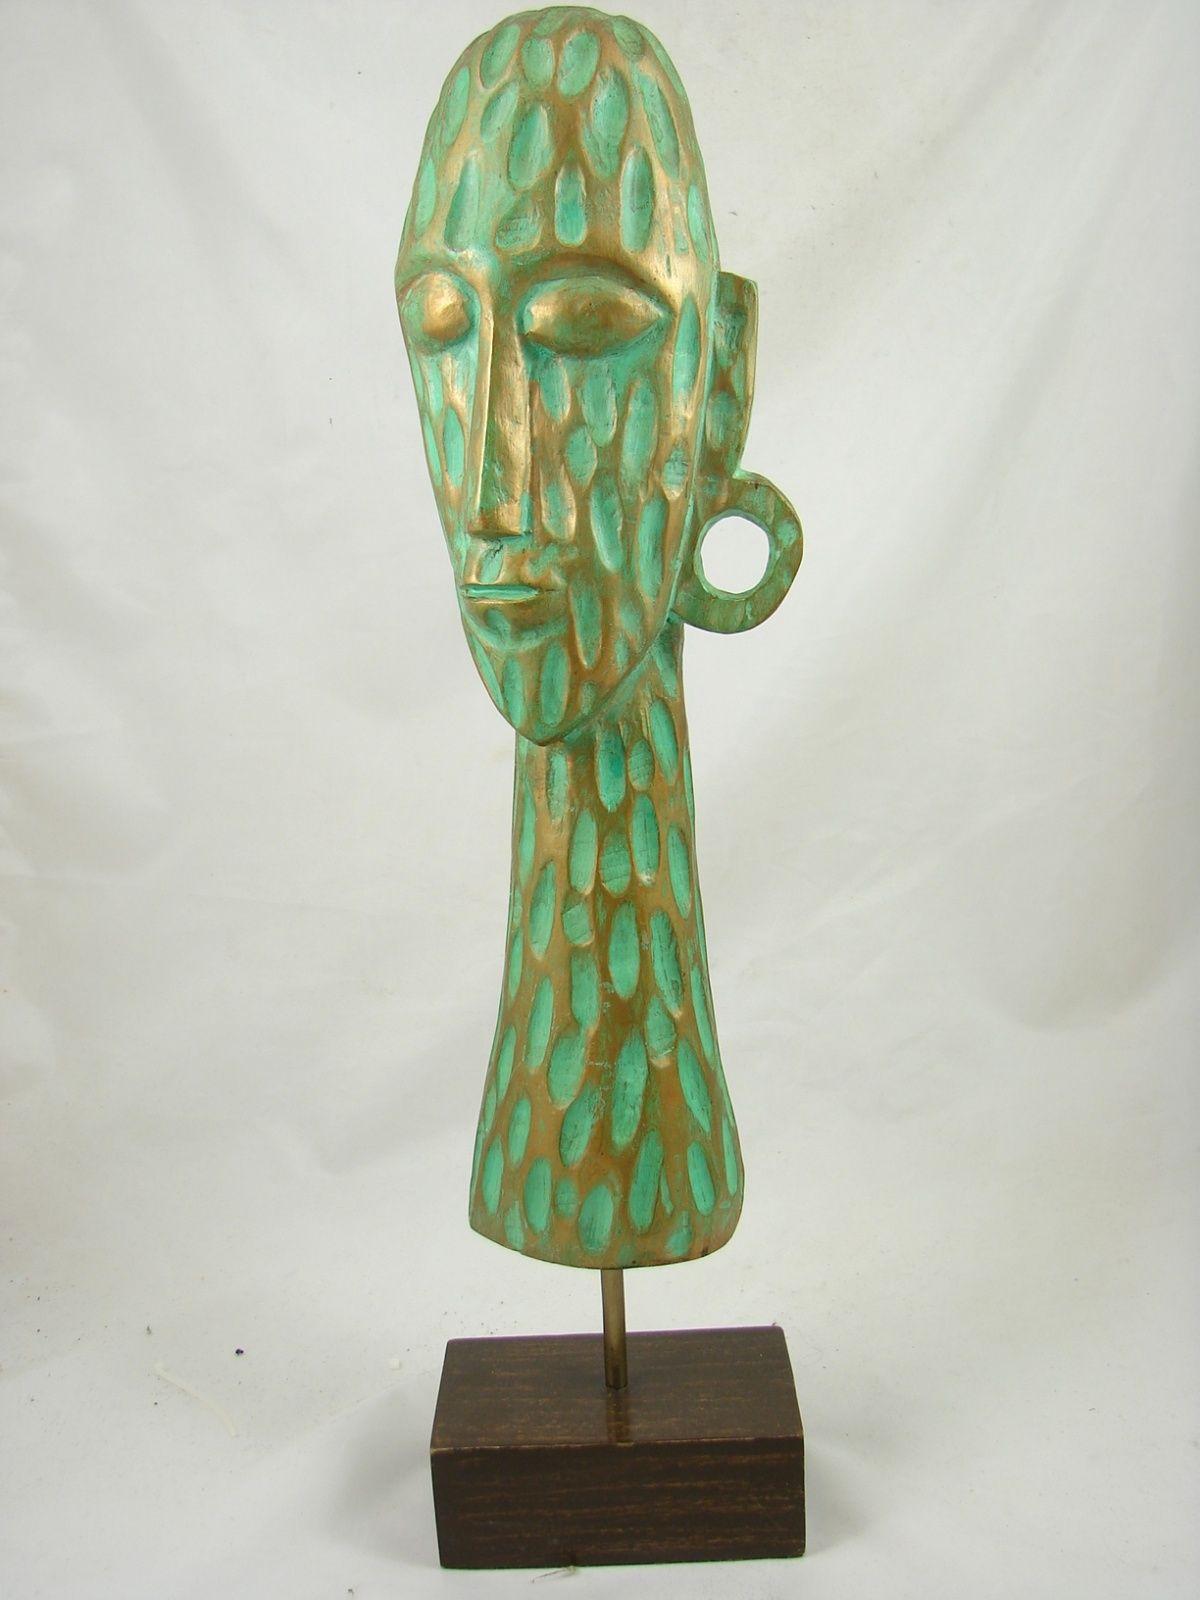 Figurka Rzezba Glowa Drewno 52 Cm 6347950929 Oficjalne Archiwum Allegro Novelty Lamp Table Lamp Decor